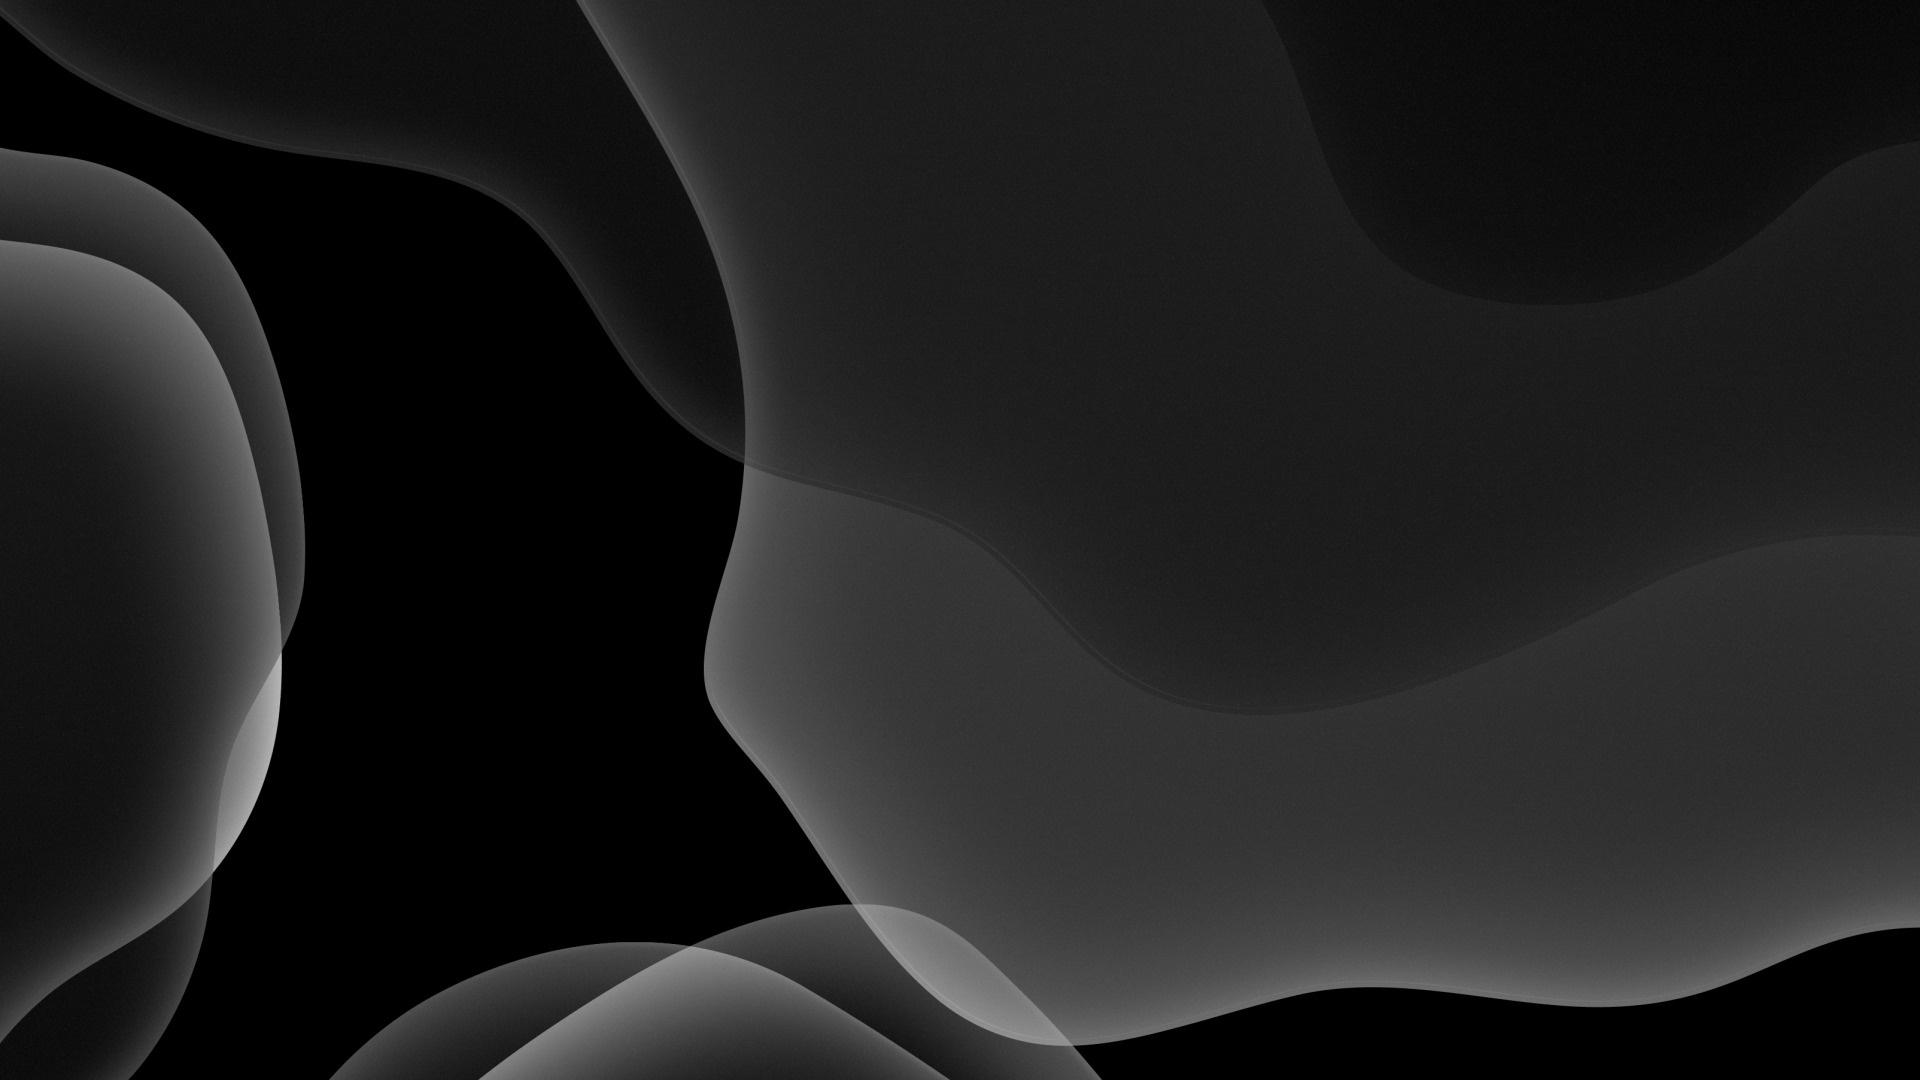 Ios 13 Liquid wallpaper hd